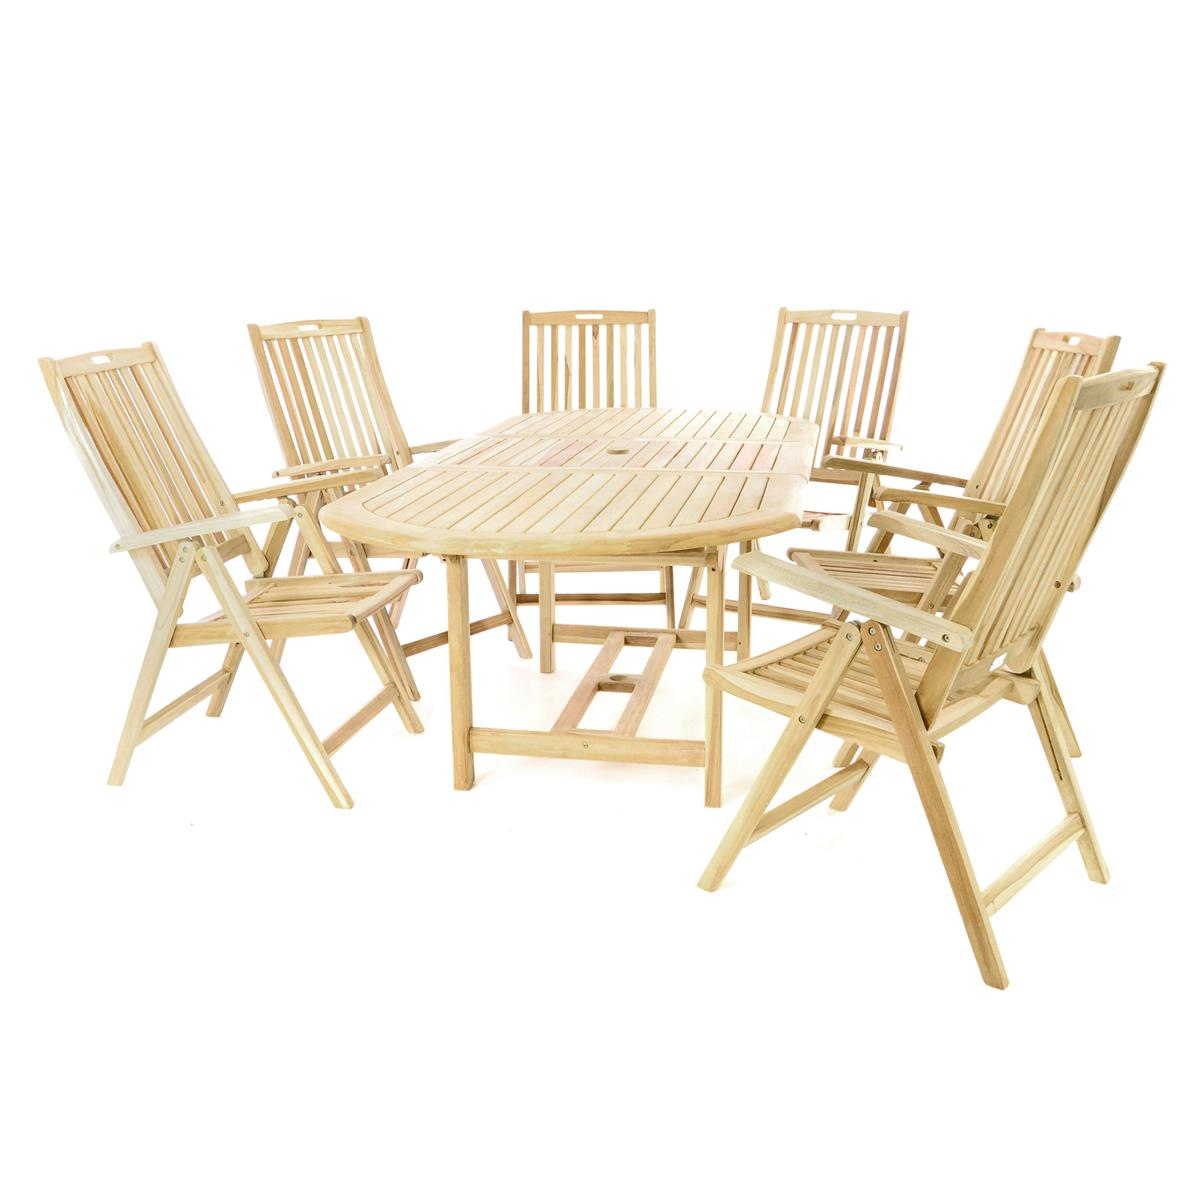 Divero Set Gartenmöbel Sitzgruppe Esstisch Ausziehbar 6